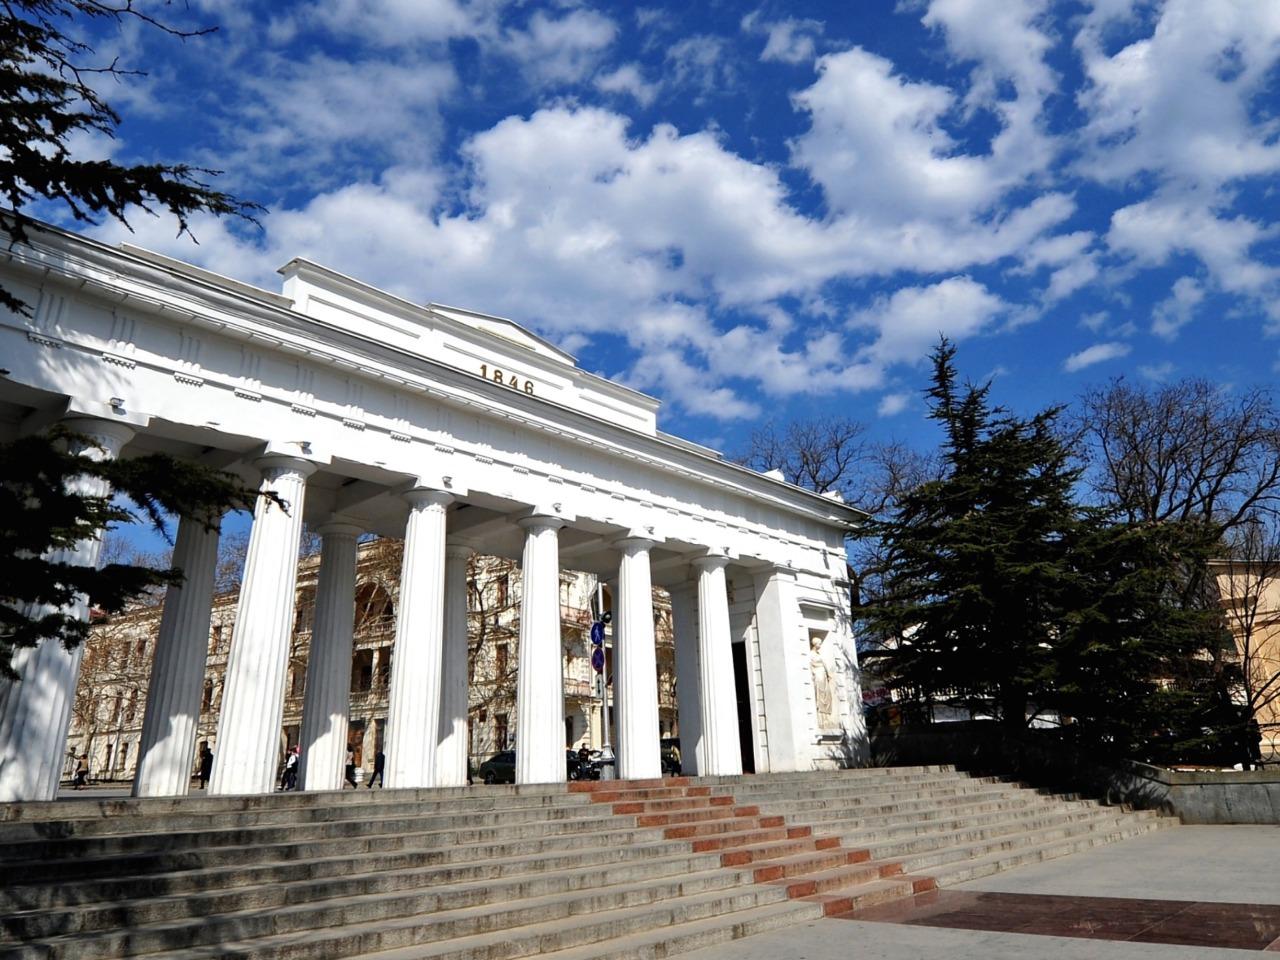 Центр Севастополя+Диорама+Панорама - индивидуальная экскурсия в Севастополе от опытного гида